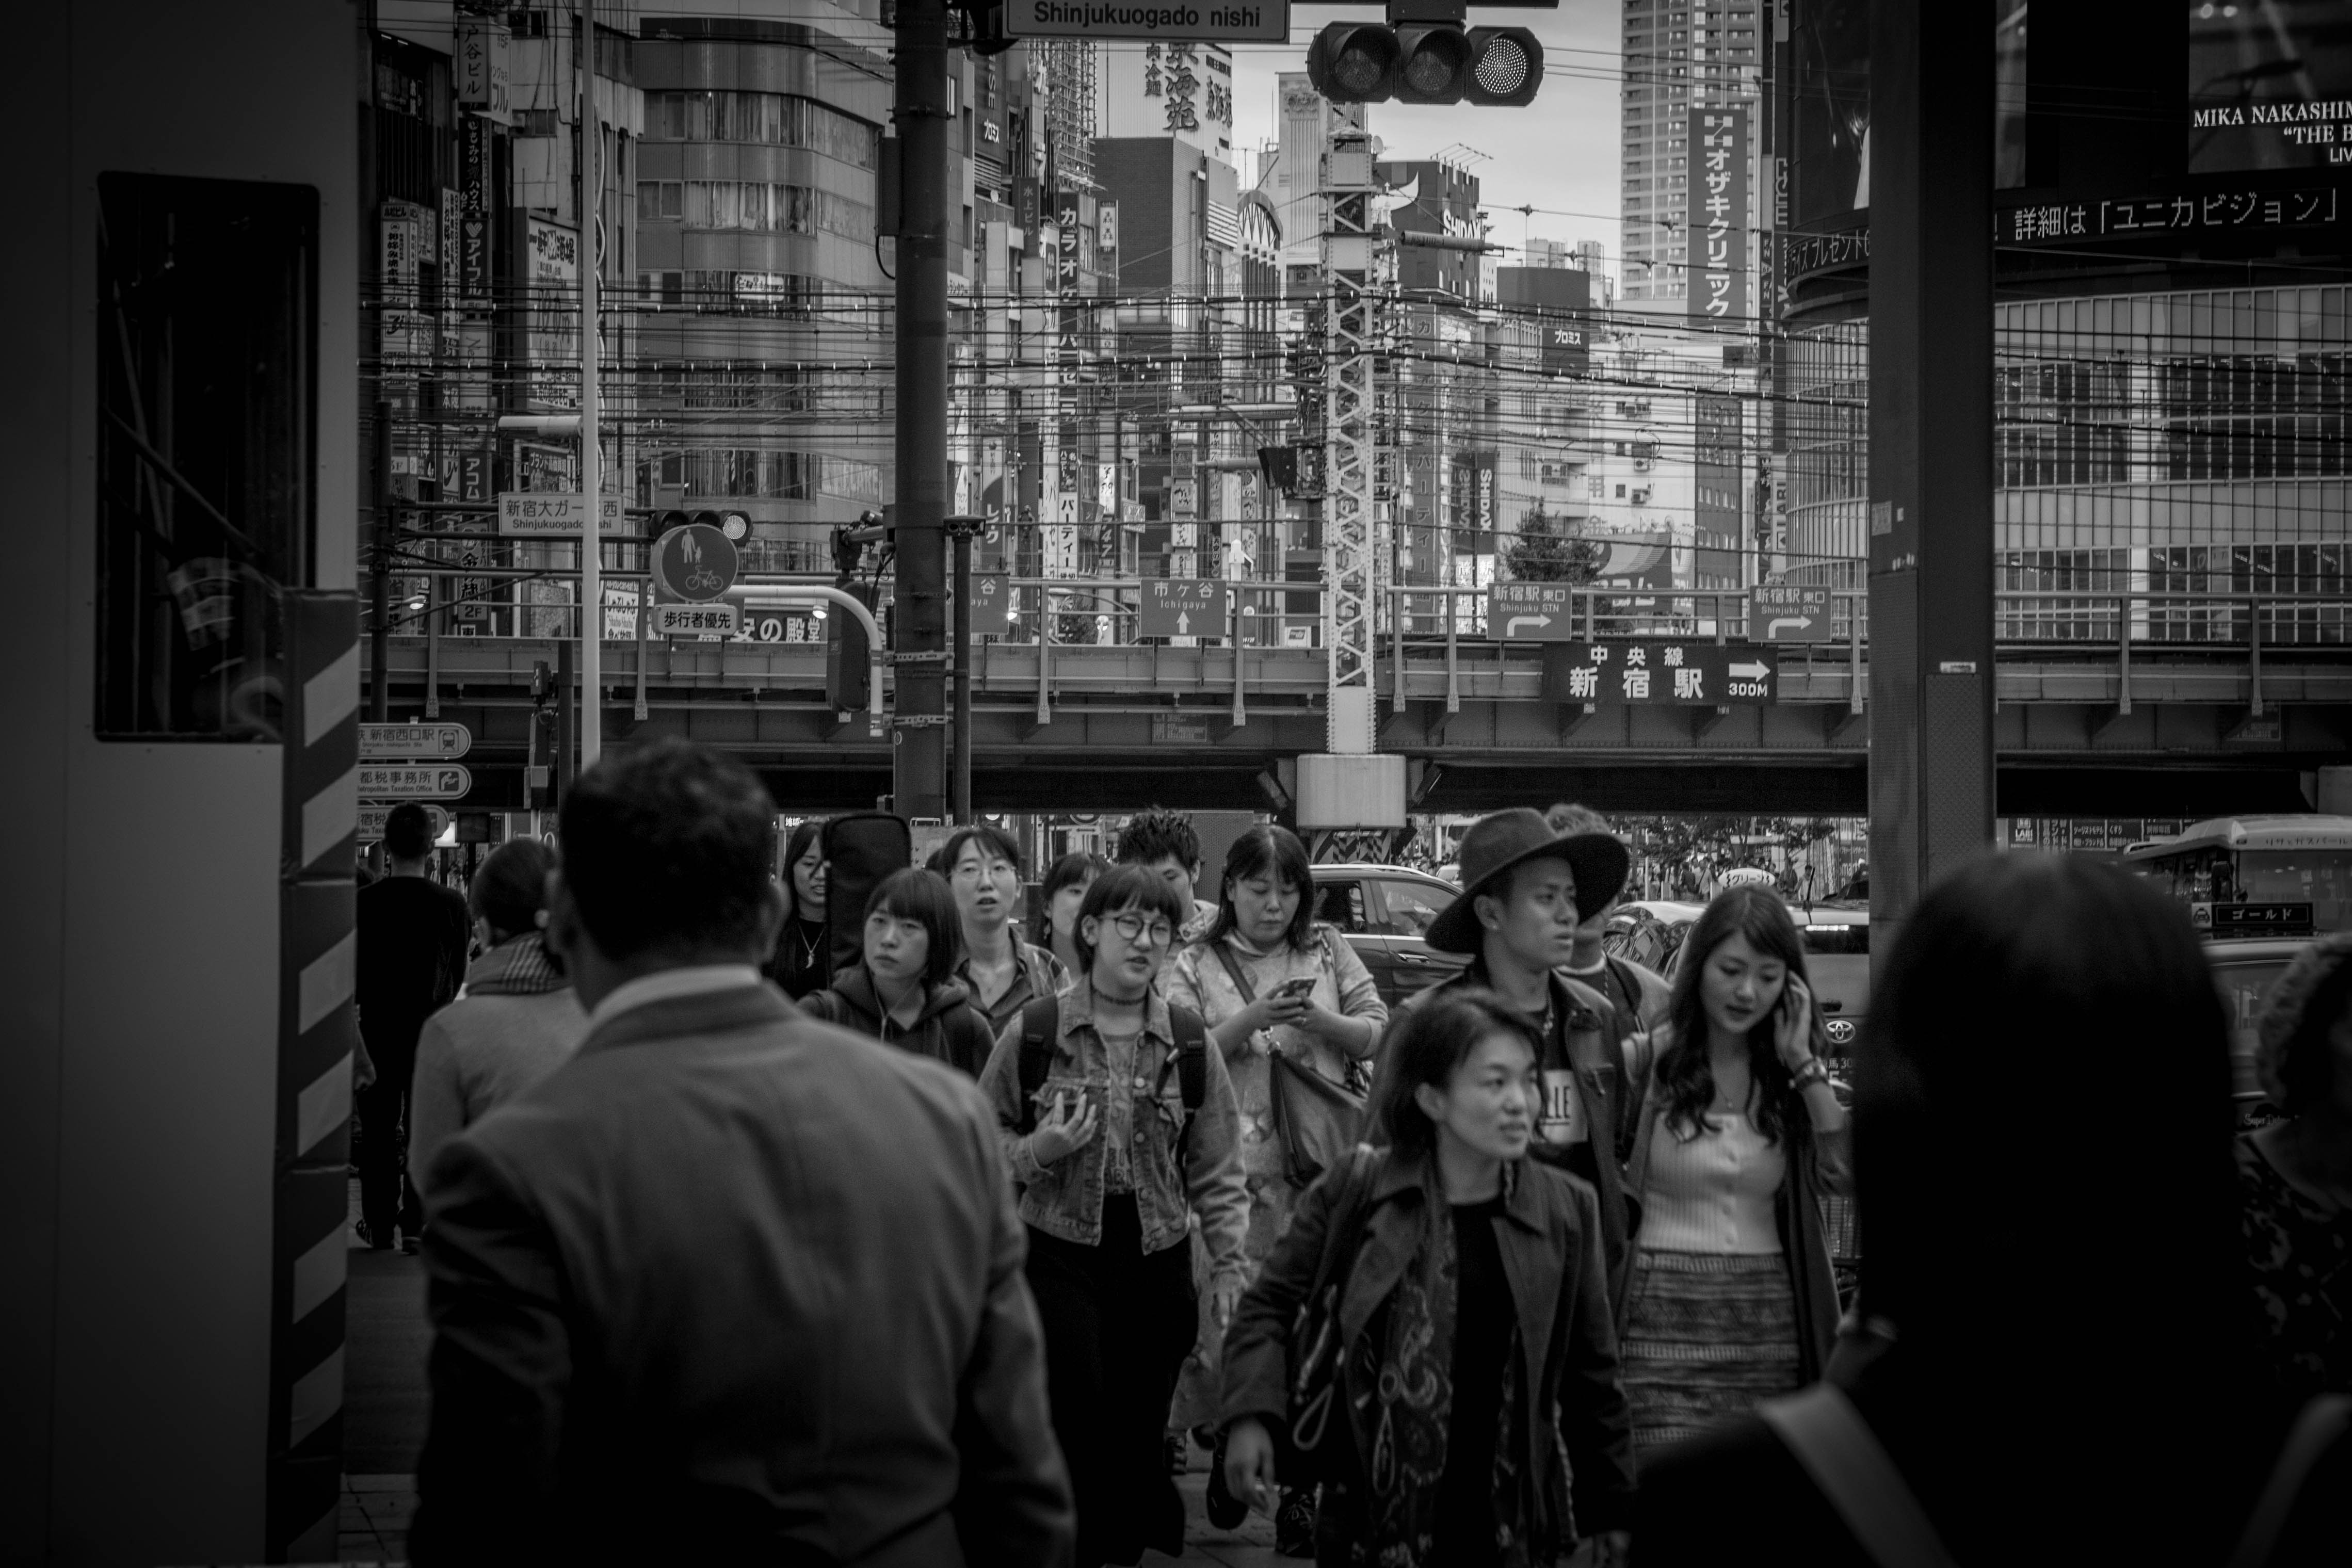 Through Tokyo